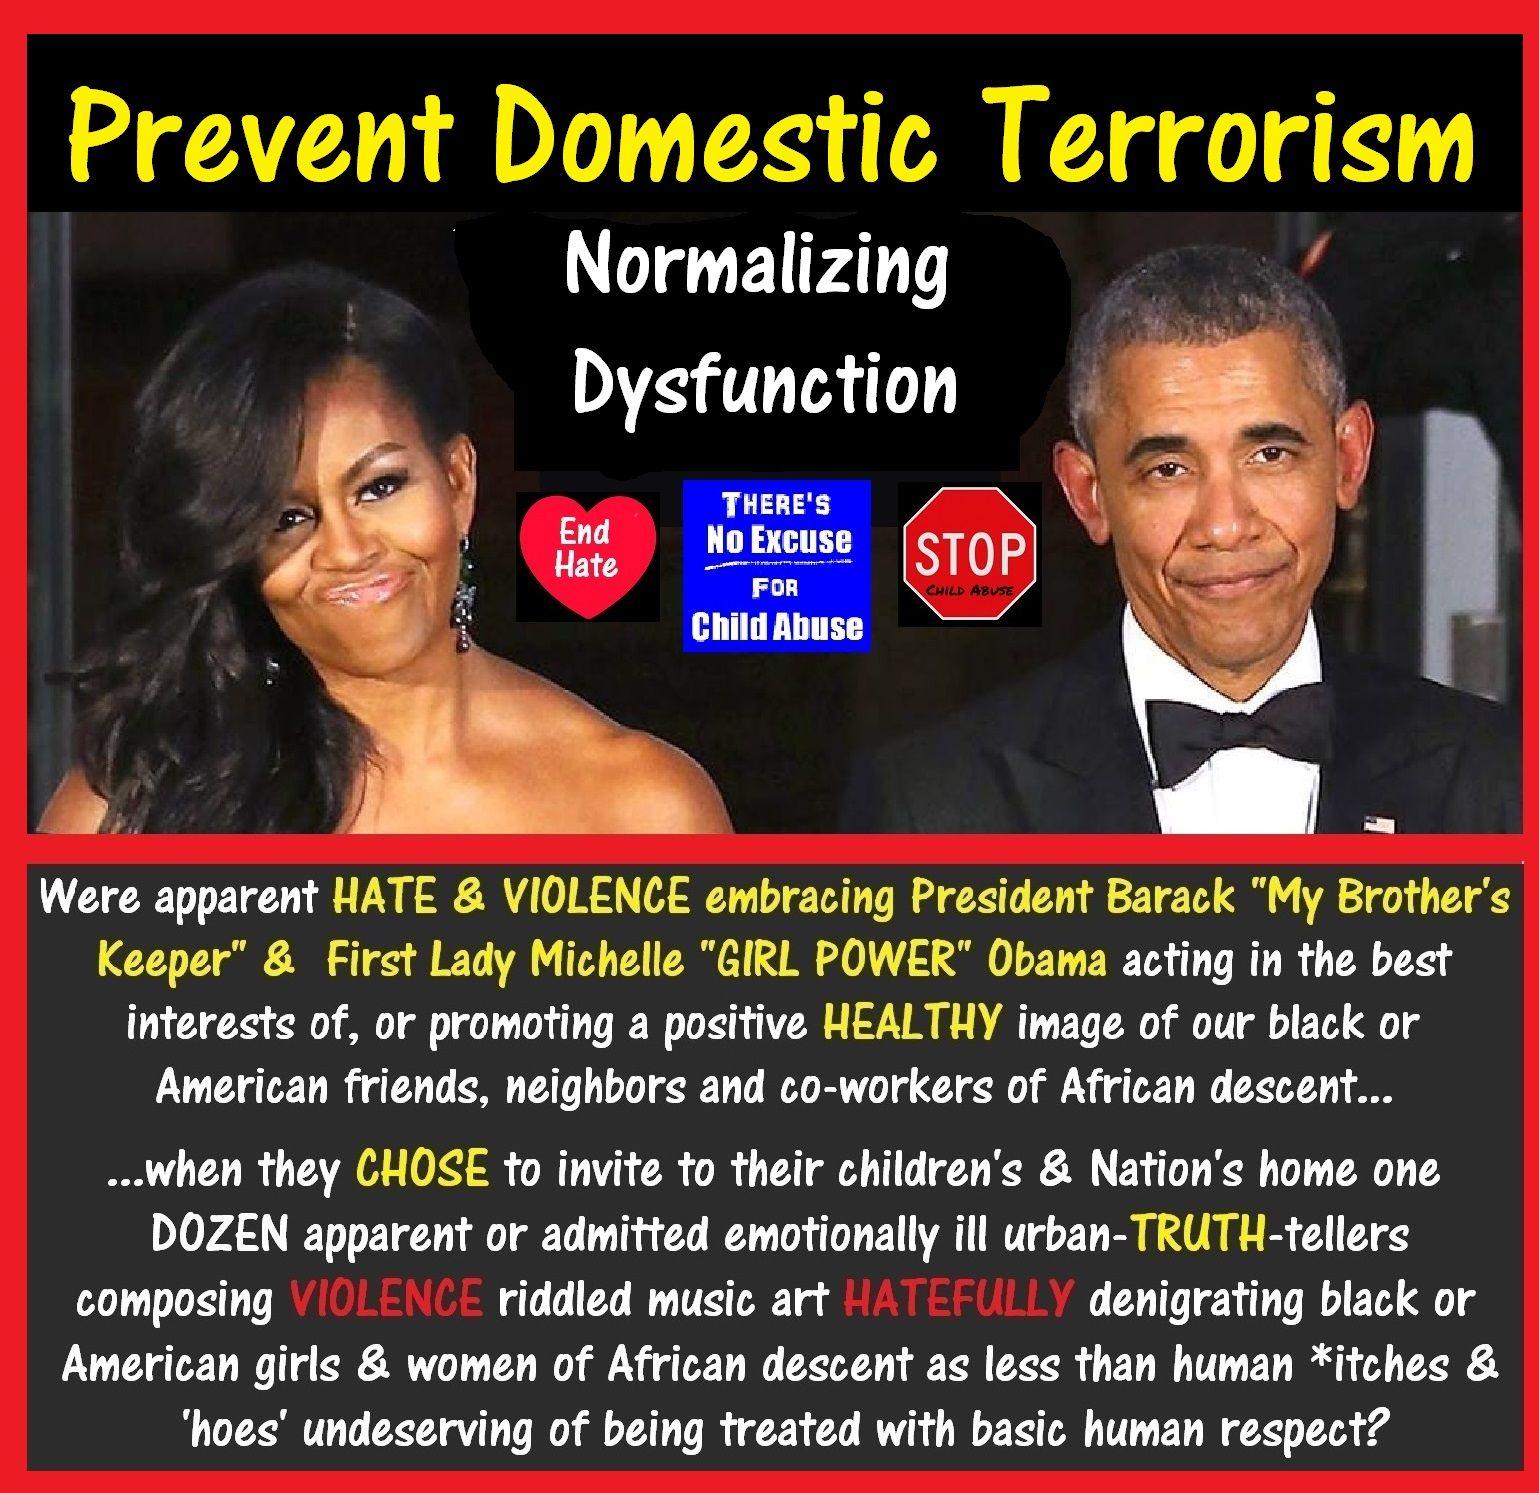 Obama_ViolenceTerrorism.jpg